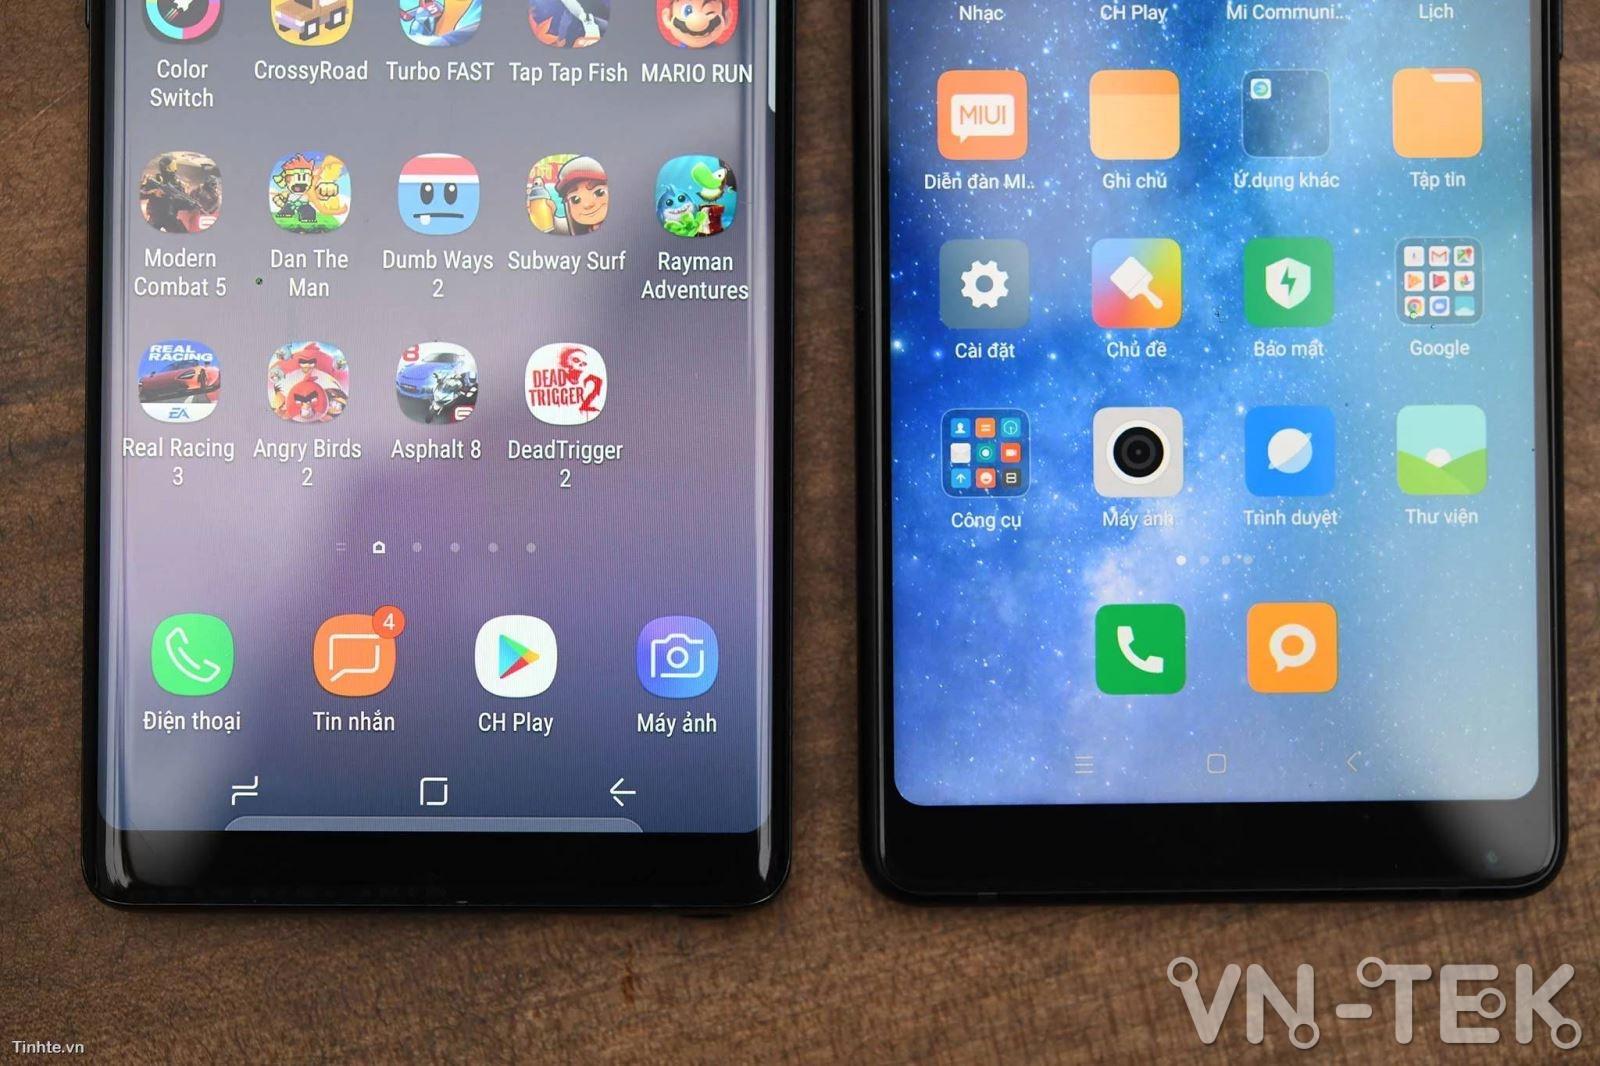 galaxy note8 xiaomi mi mix 2 5 - Galaxy Note8 và Xiaomi Mi Mix 2 cuộc chiến màn hình vô cực